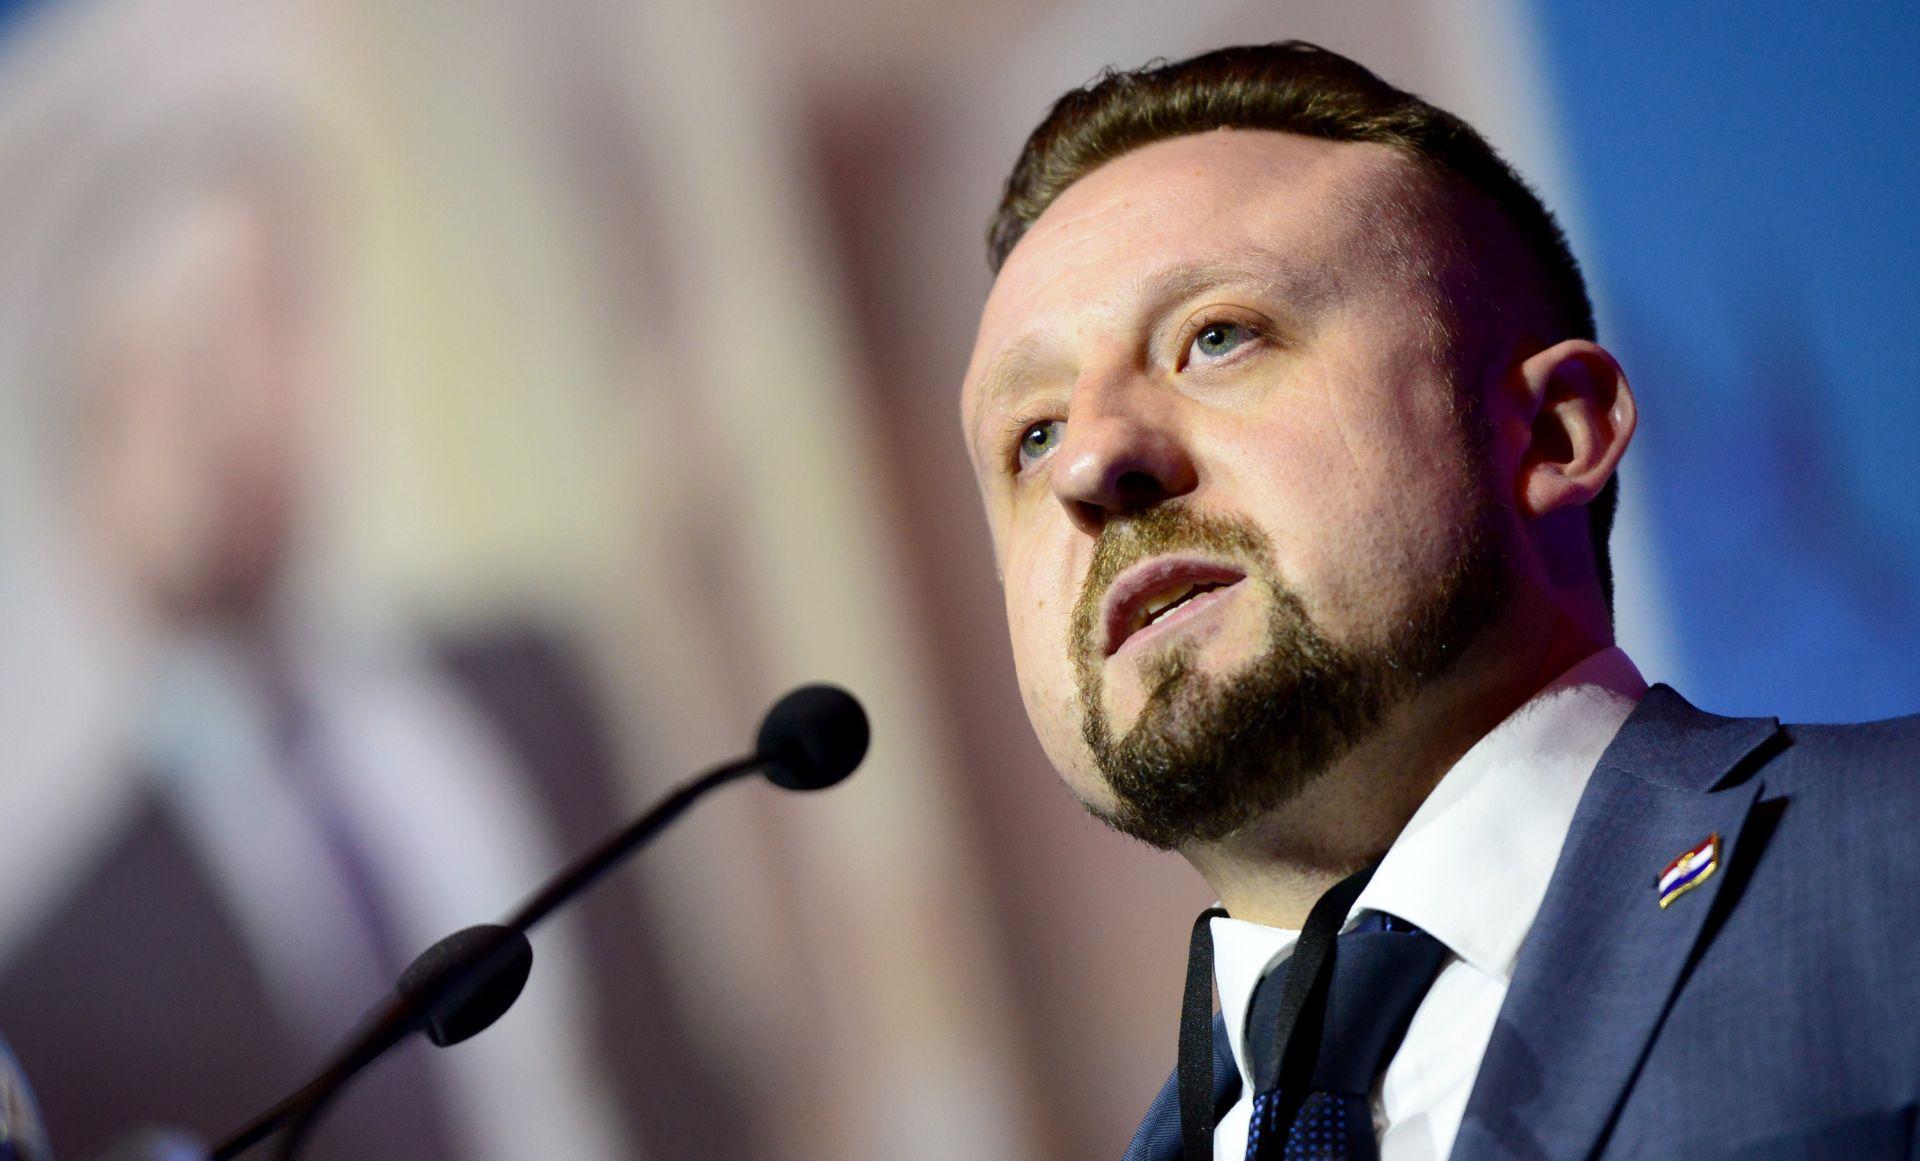 Tepeš, ponovno predsjednik HSP AS: Radi očuvanja hrvatskih nacionalnih interesa potrebna je jaka pravaška stranka.